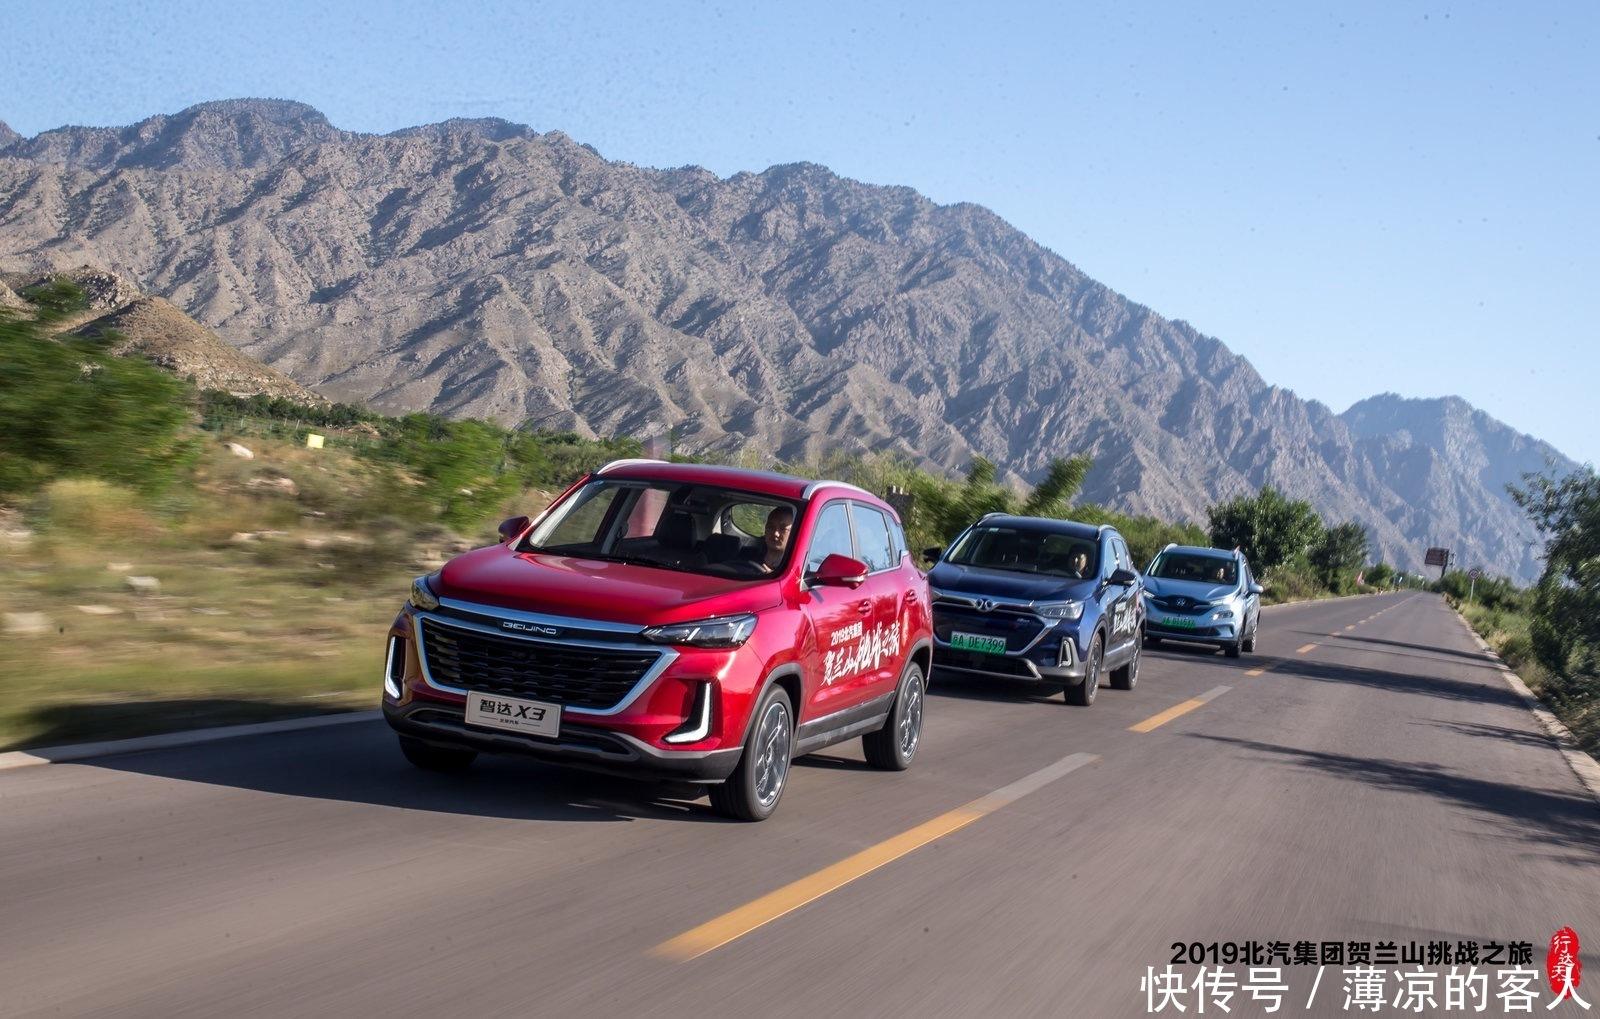 北汽集团携旗下多品牌开启贺兰山挑战之旅